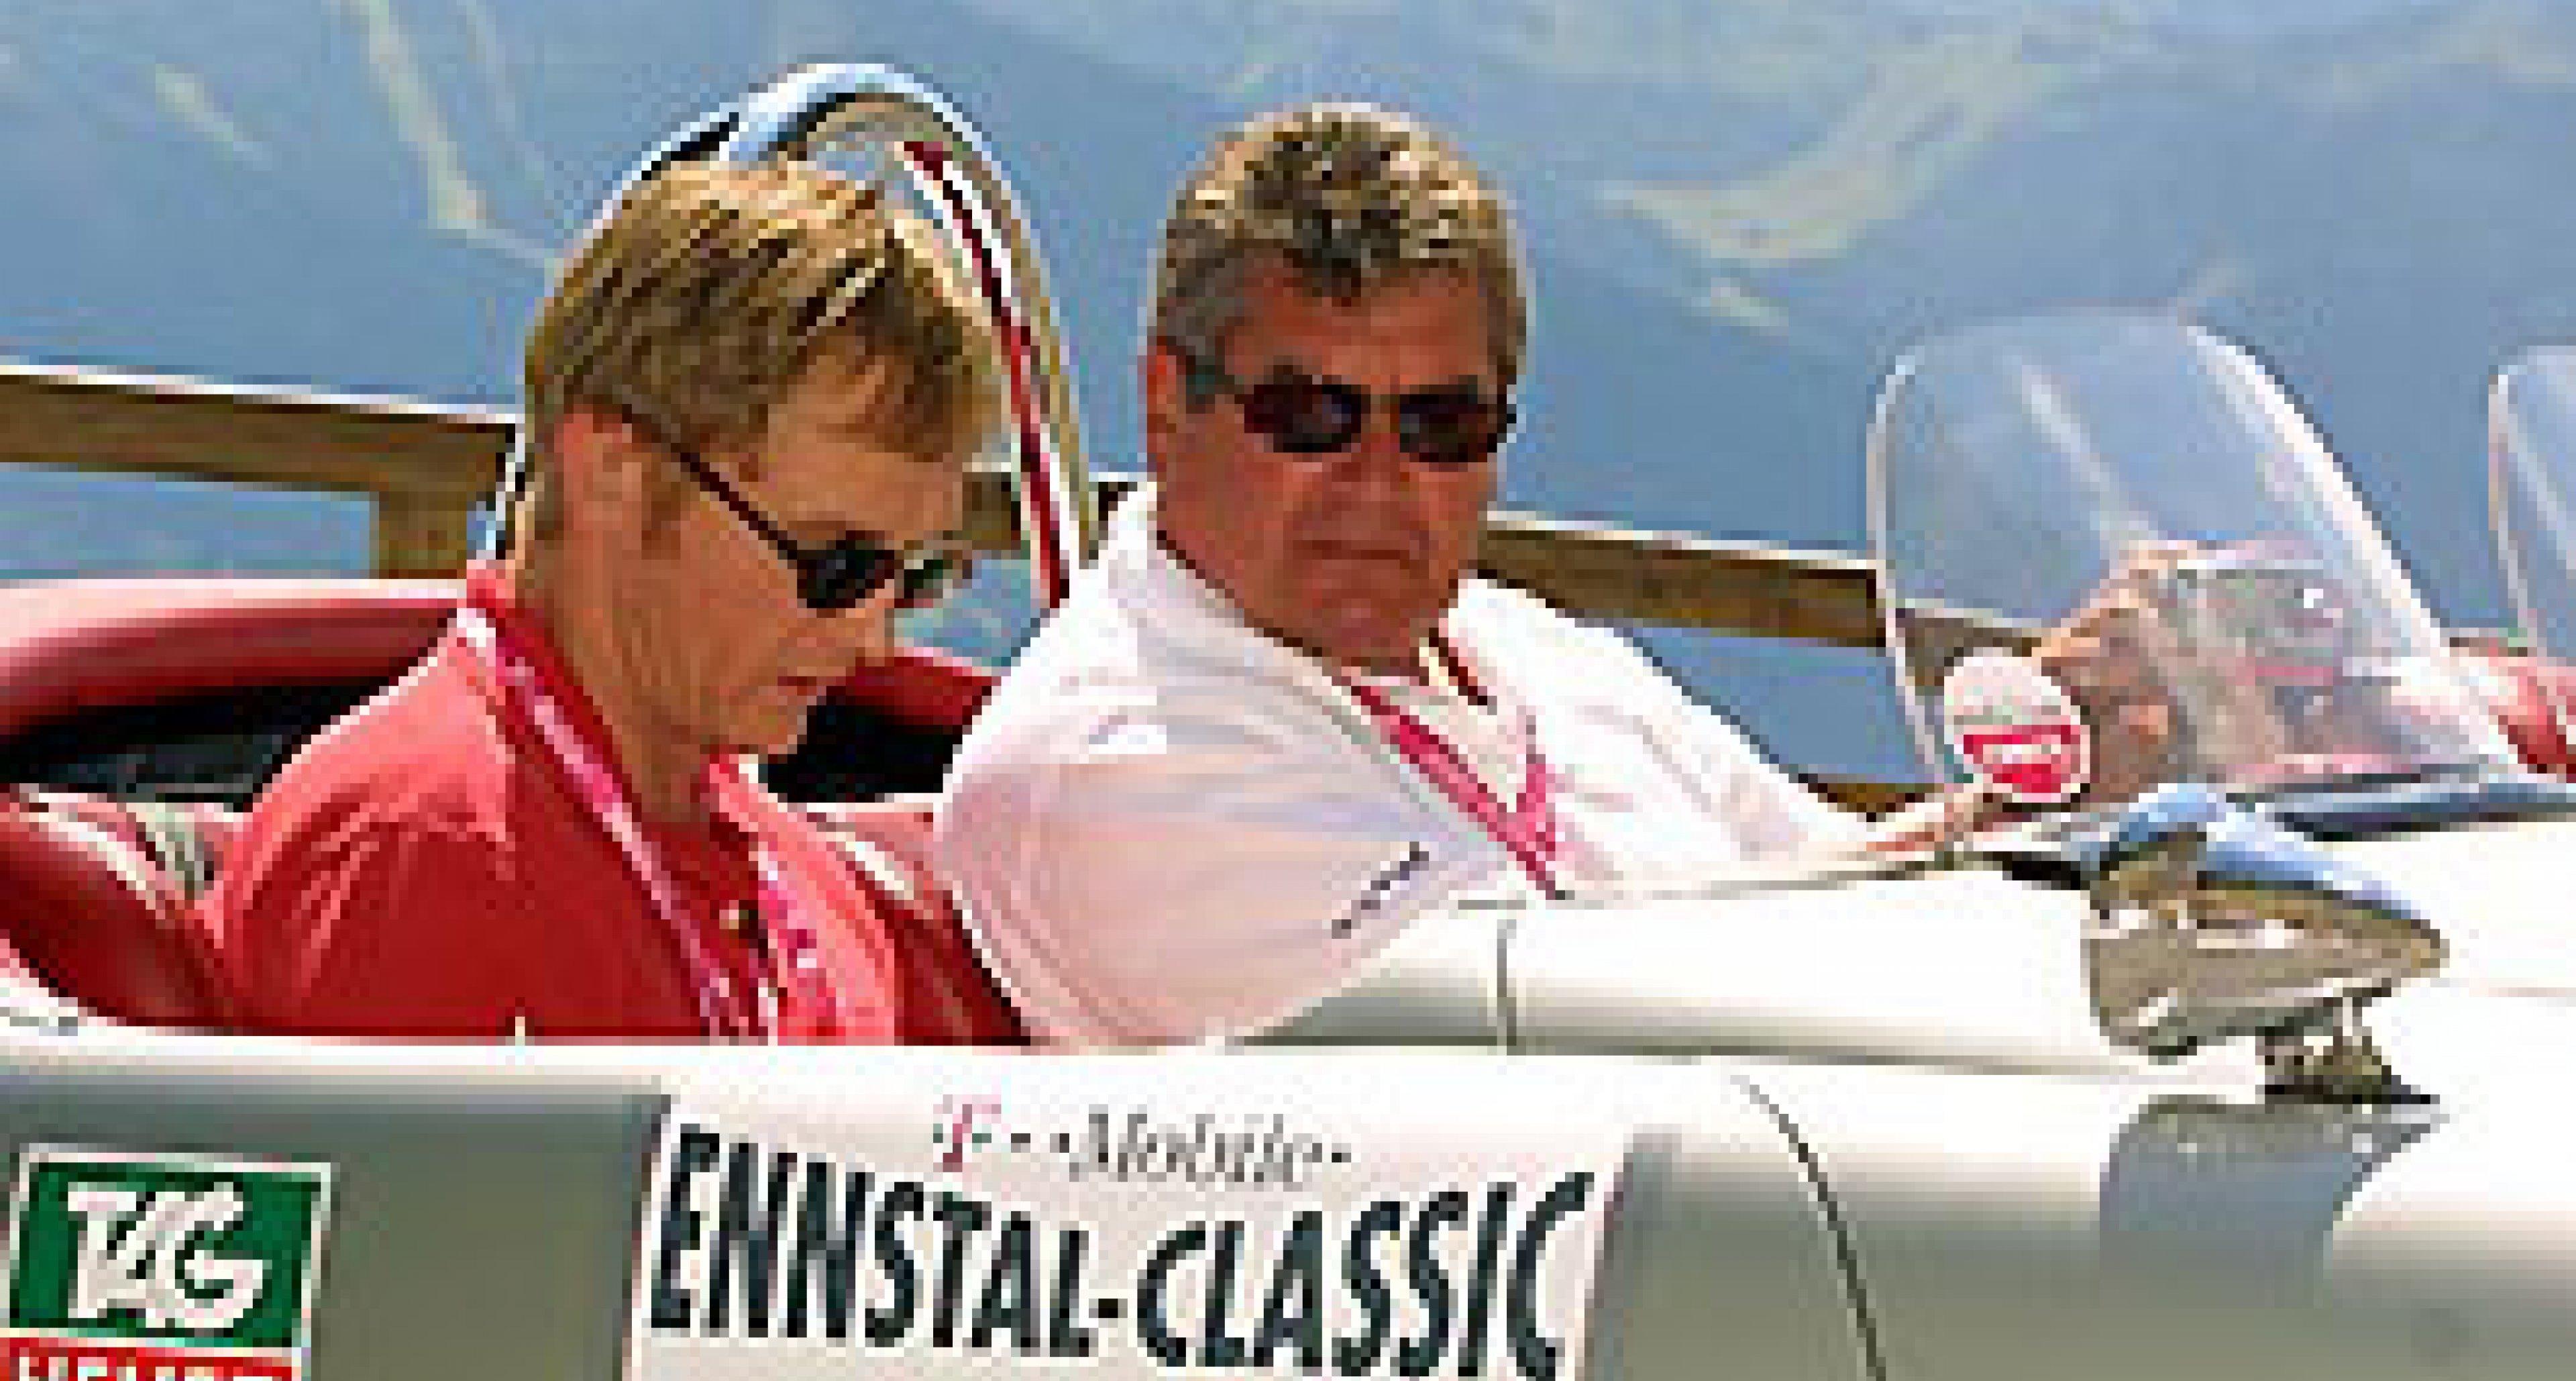 Ennstal Classic 2004